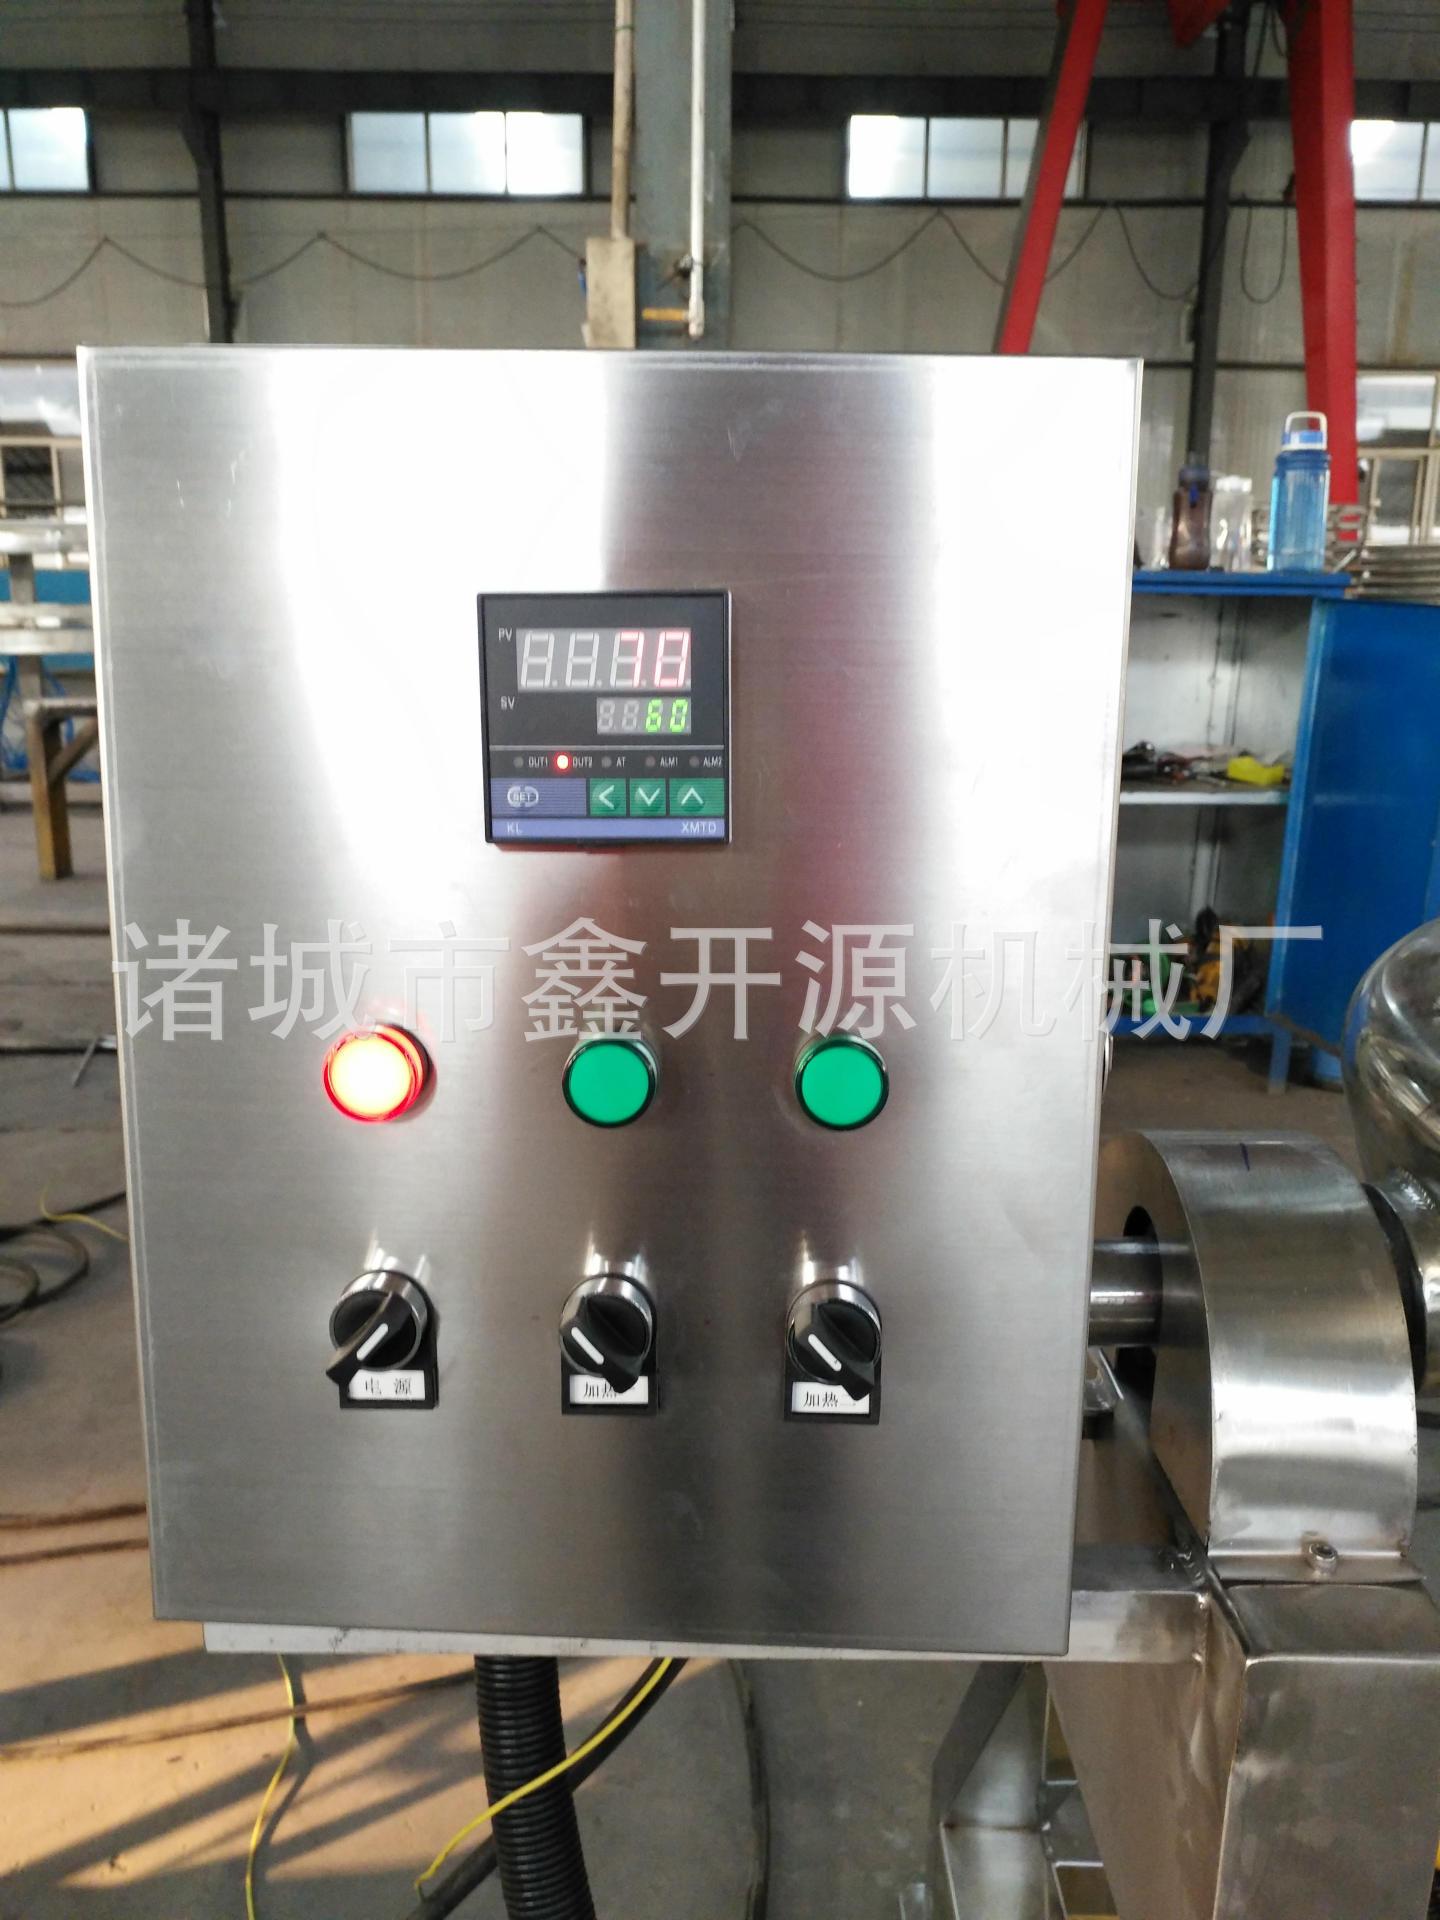 100L蒸汽加热夹层锅 不锈钢夹层锅 燃气夹层锅 电加热夹层锅示例图122